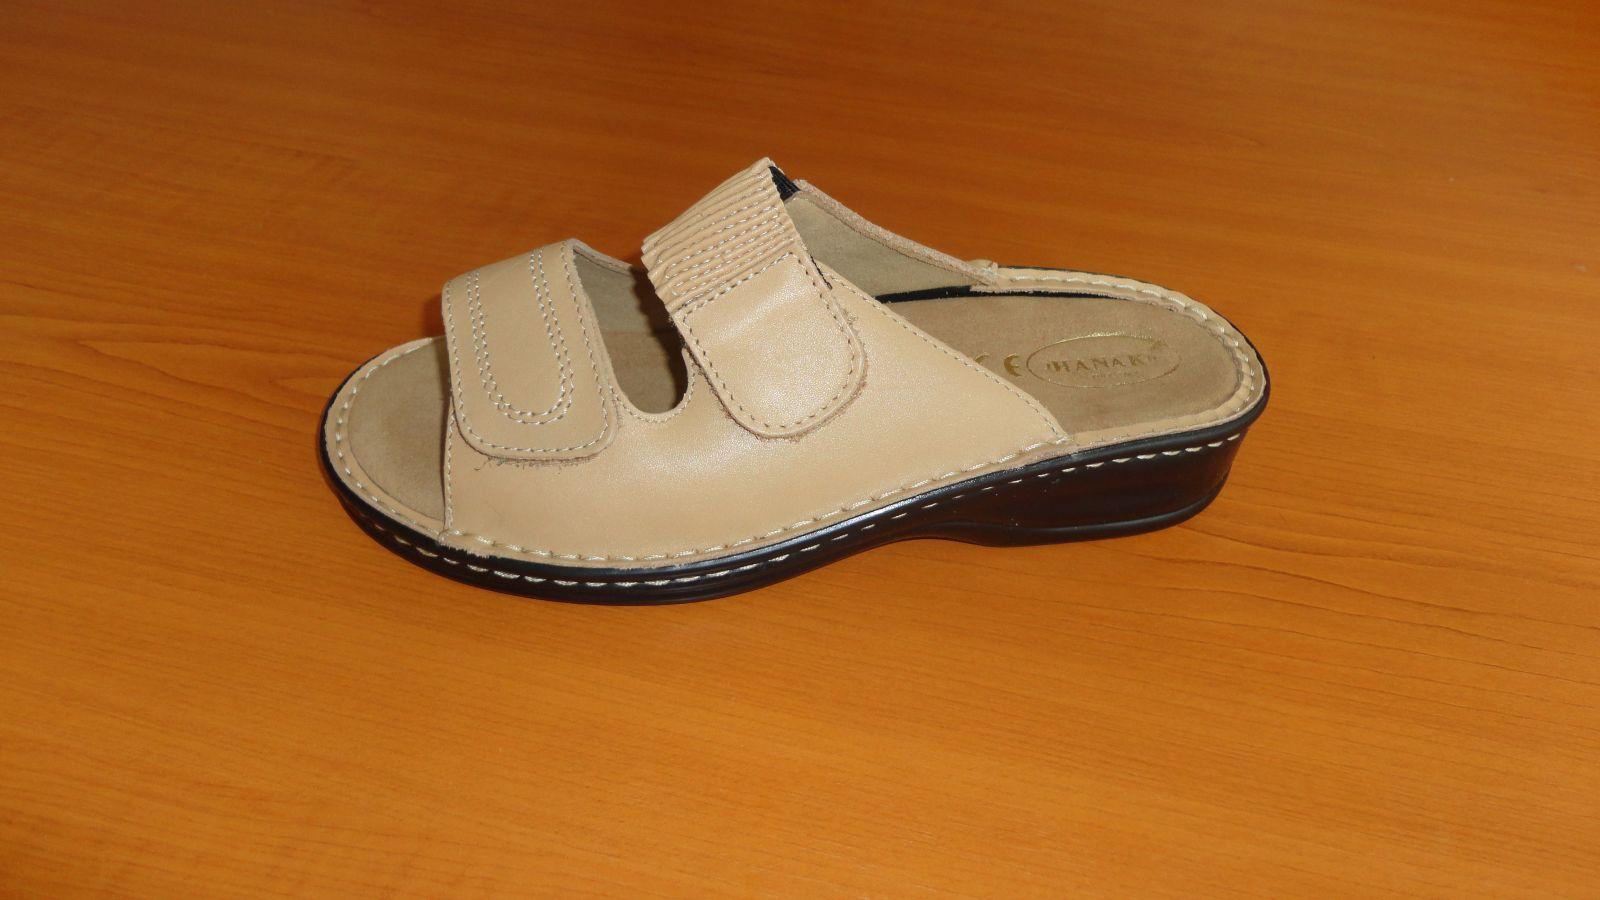 508a3e1e5 Skladem či na objednávku je k dispozici dámská, pánská i dětská zdravotní  obuv a stélky Hanák ve všech velikostech.